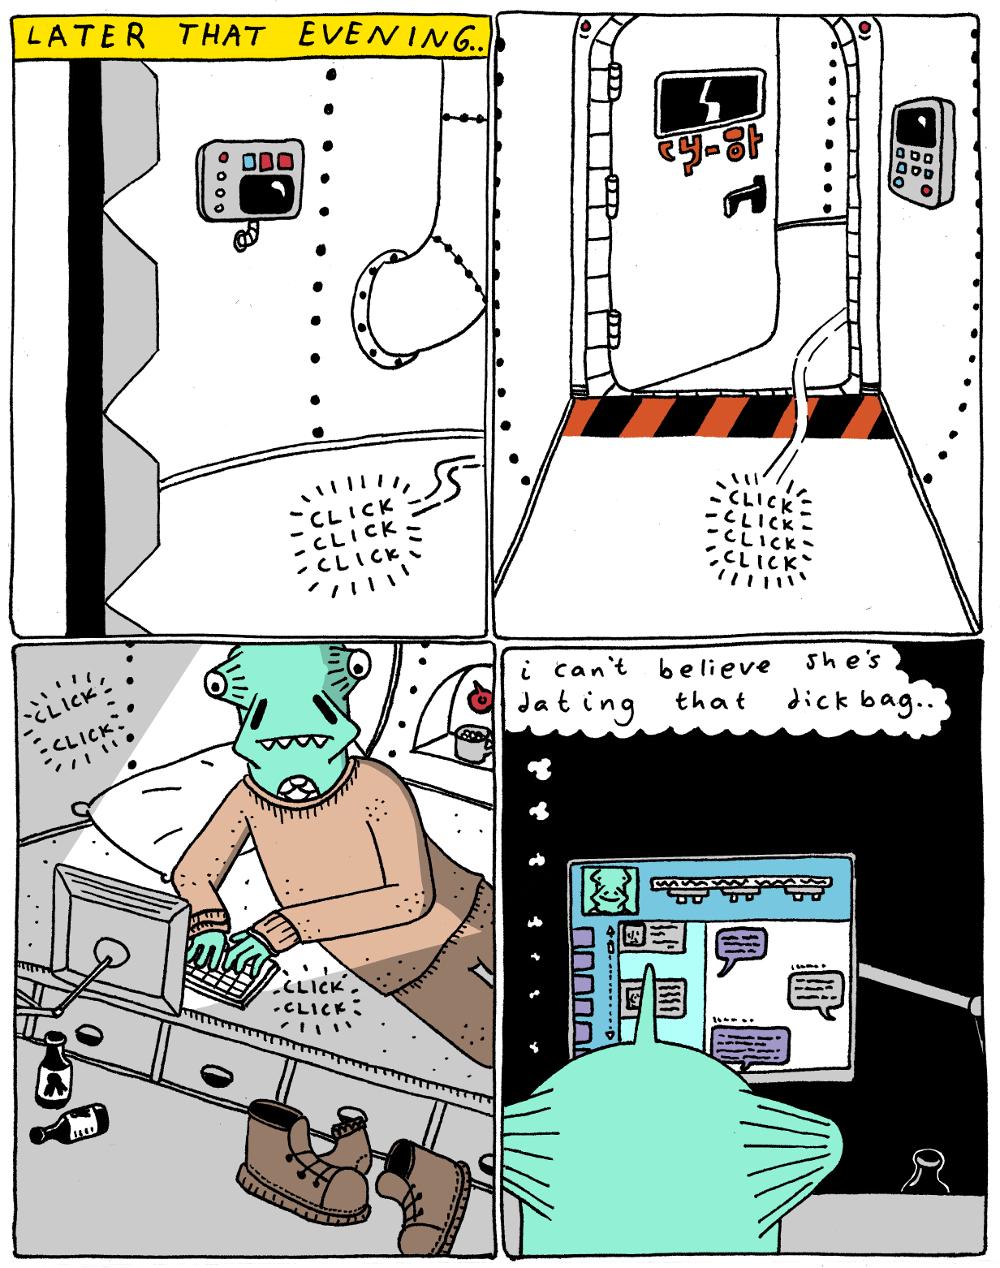 spacecasepage3.jpg